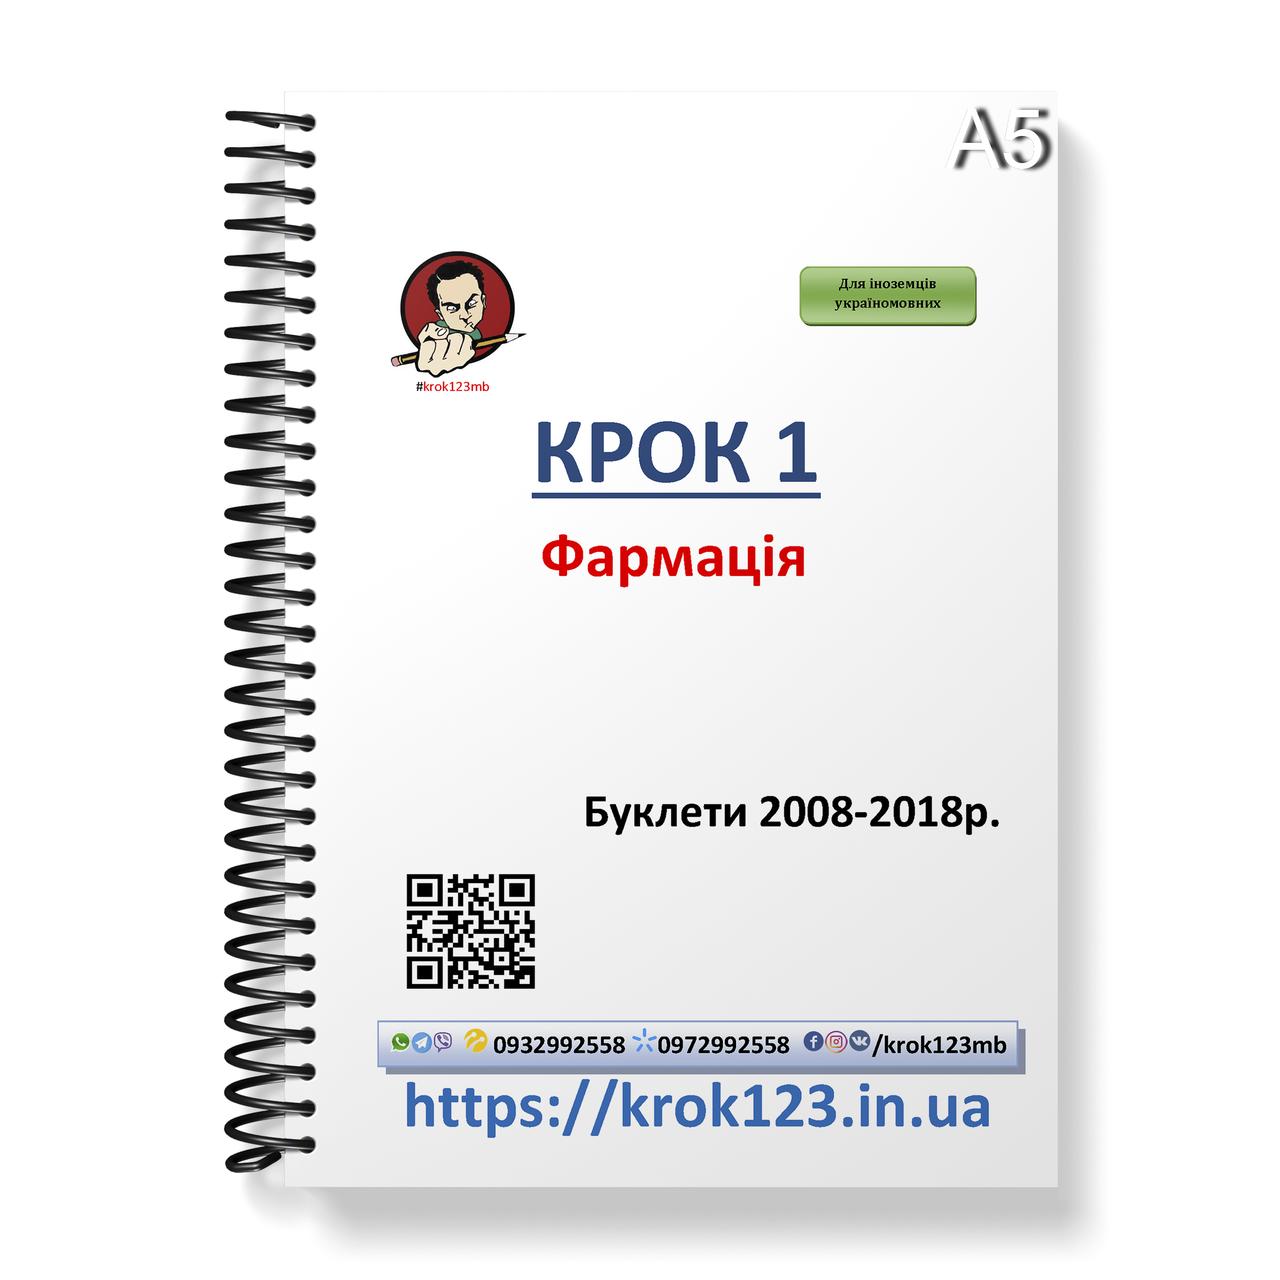 Крок 1. Фармація. Буклети 2008-2018 роки. Для іноземців україномовних